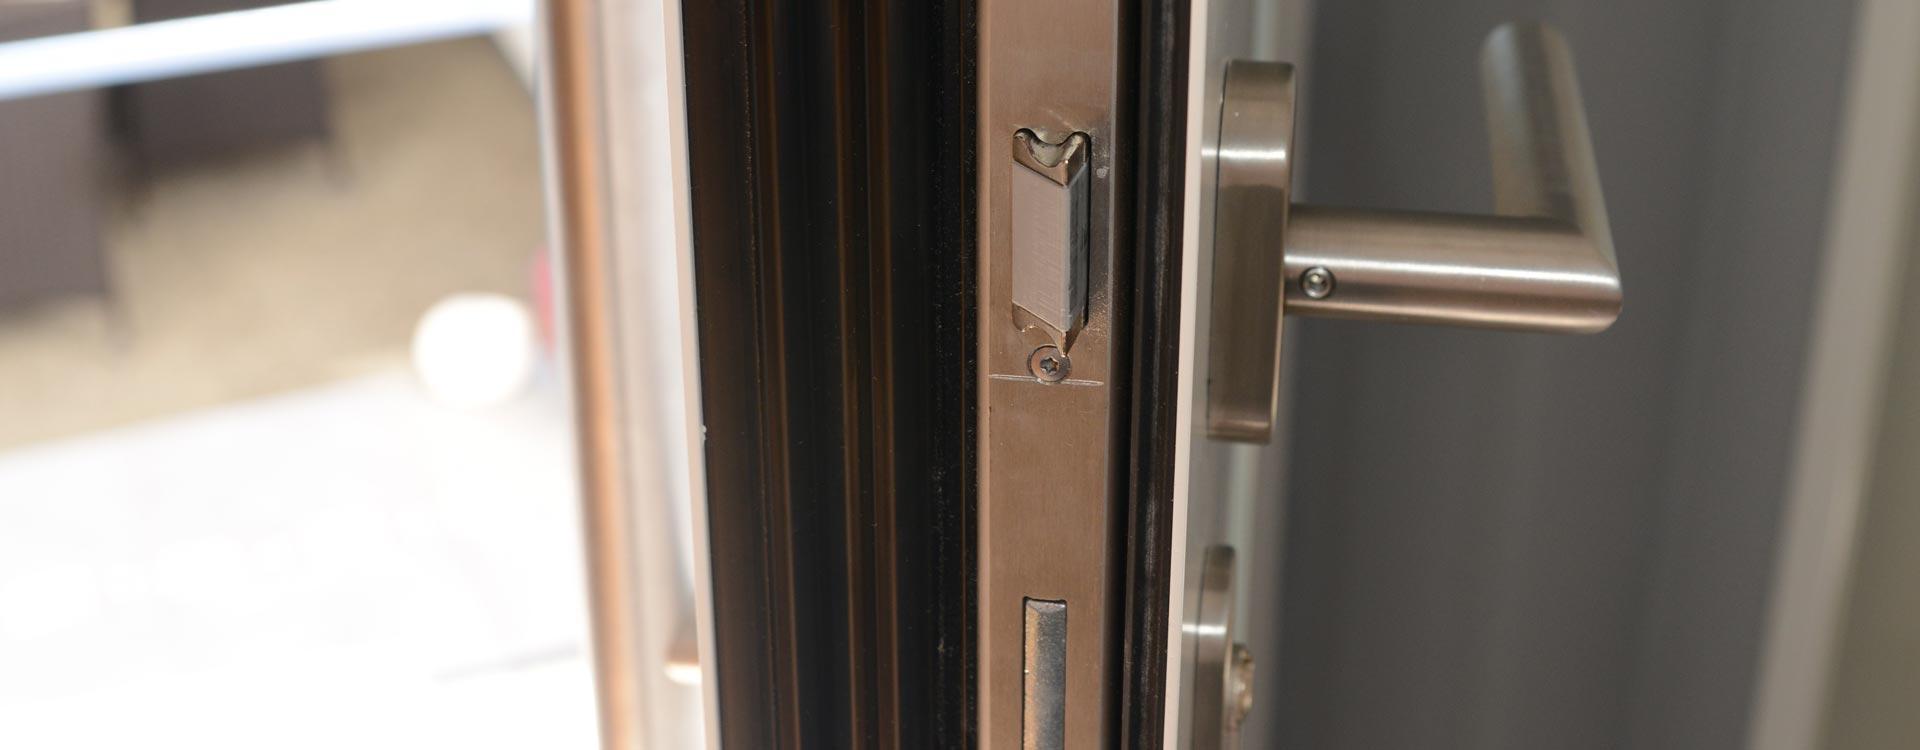 Haustüre mit Einbruchschutz